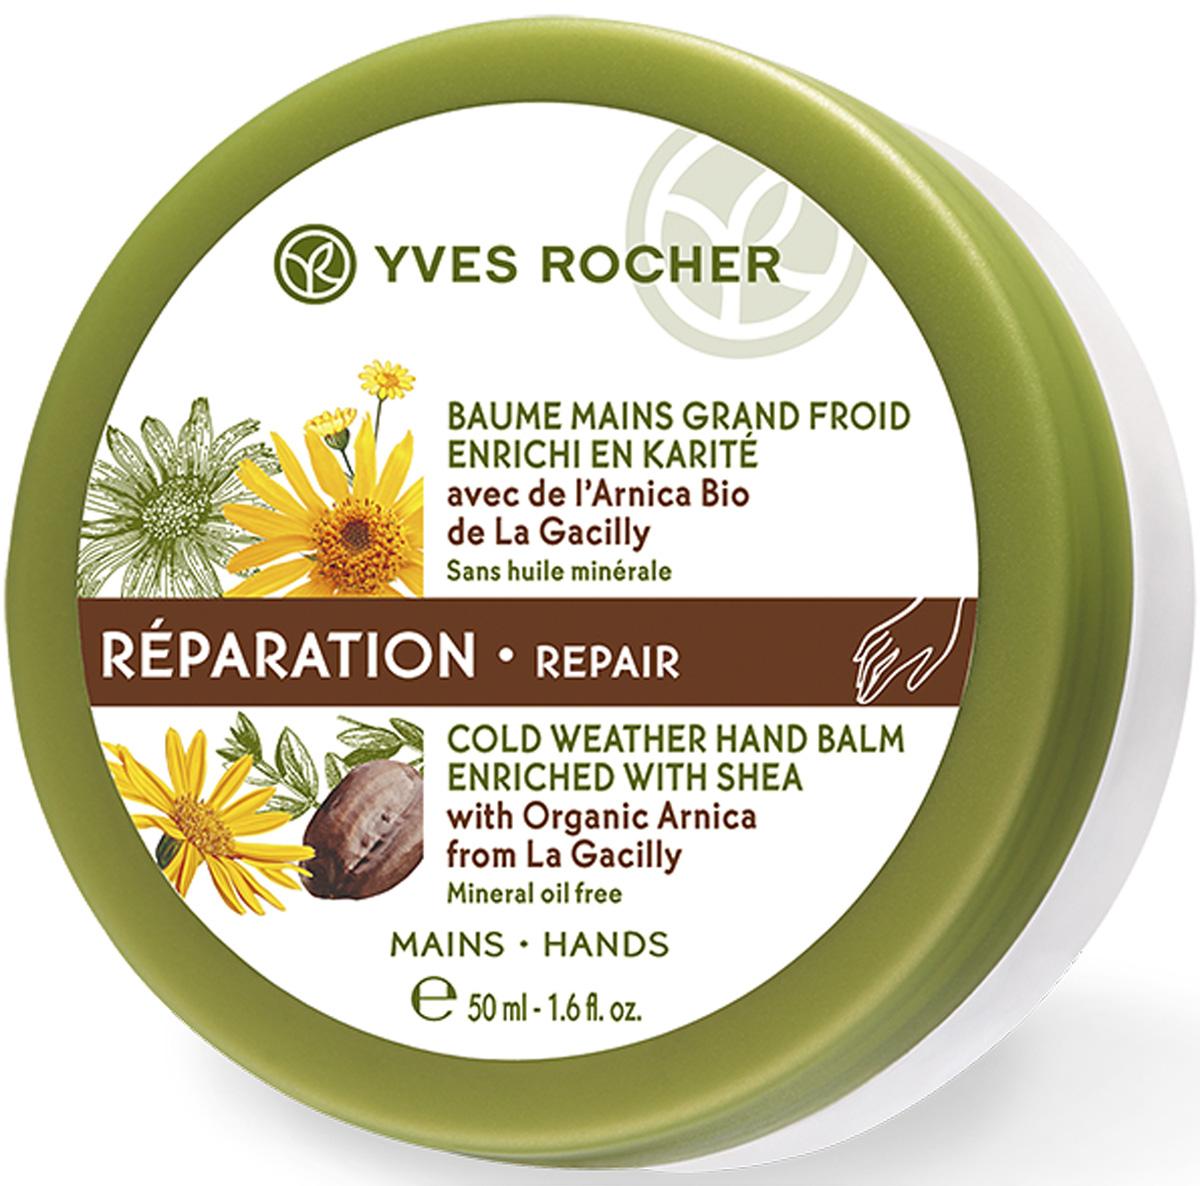 Yves Rocher бальзам для рук Защита от холода с арникой, 50 мл58880Восстанавливающий Бальзам для Рук с Арникой питает и эффективно восстанавливает очень сухую и поврежденную кожу рук благодаря экстракту Арники БИО, обладающему защитными свойствами, и маслу Каритэ, известному своими питательными и восстанавливающими свойствами. Уход идеально подходит для использования в холодное время года, когда кожа страдает от обезвоживания, холода и ветра.Тающая текстура бальзама быстро впитывается, оставляя на коже легкий растительный аромат.Кожа Ваших рук восстановлена и защищена. Избавленная от сухости и трещинок, она вновь обретает ощущение комфорта, становится нежной, ухоженной и красивой.Его +: Формула без минеральных масел.